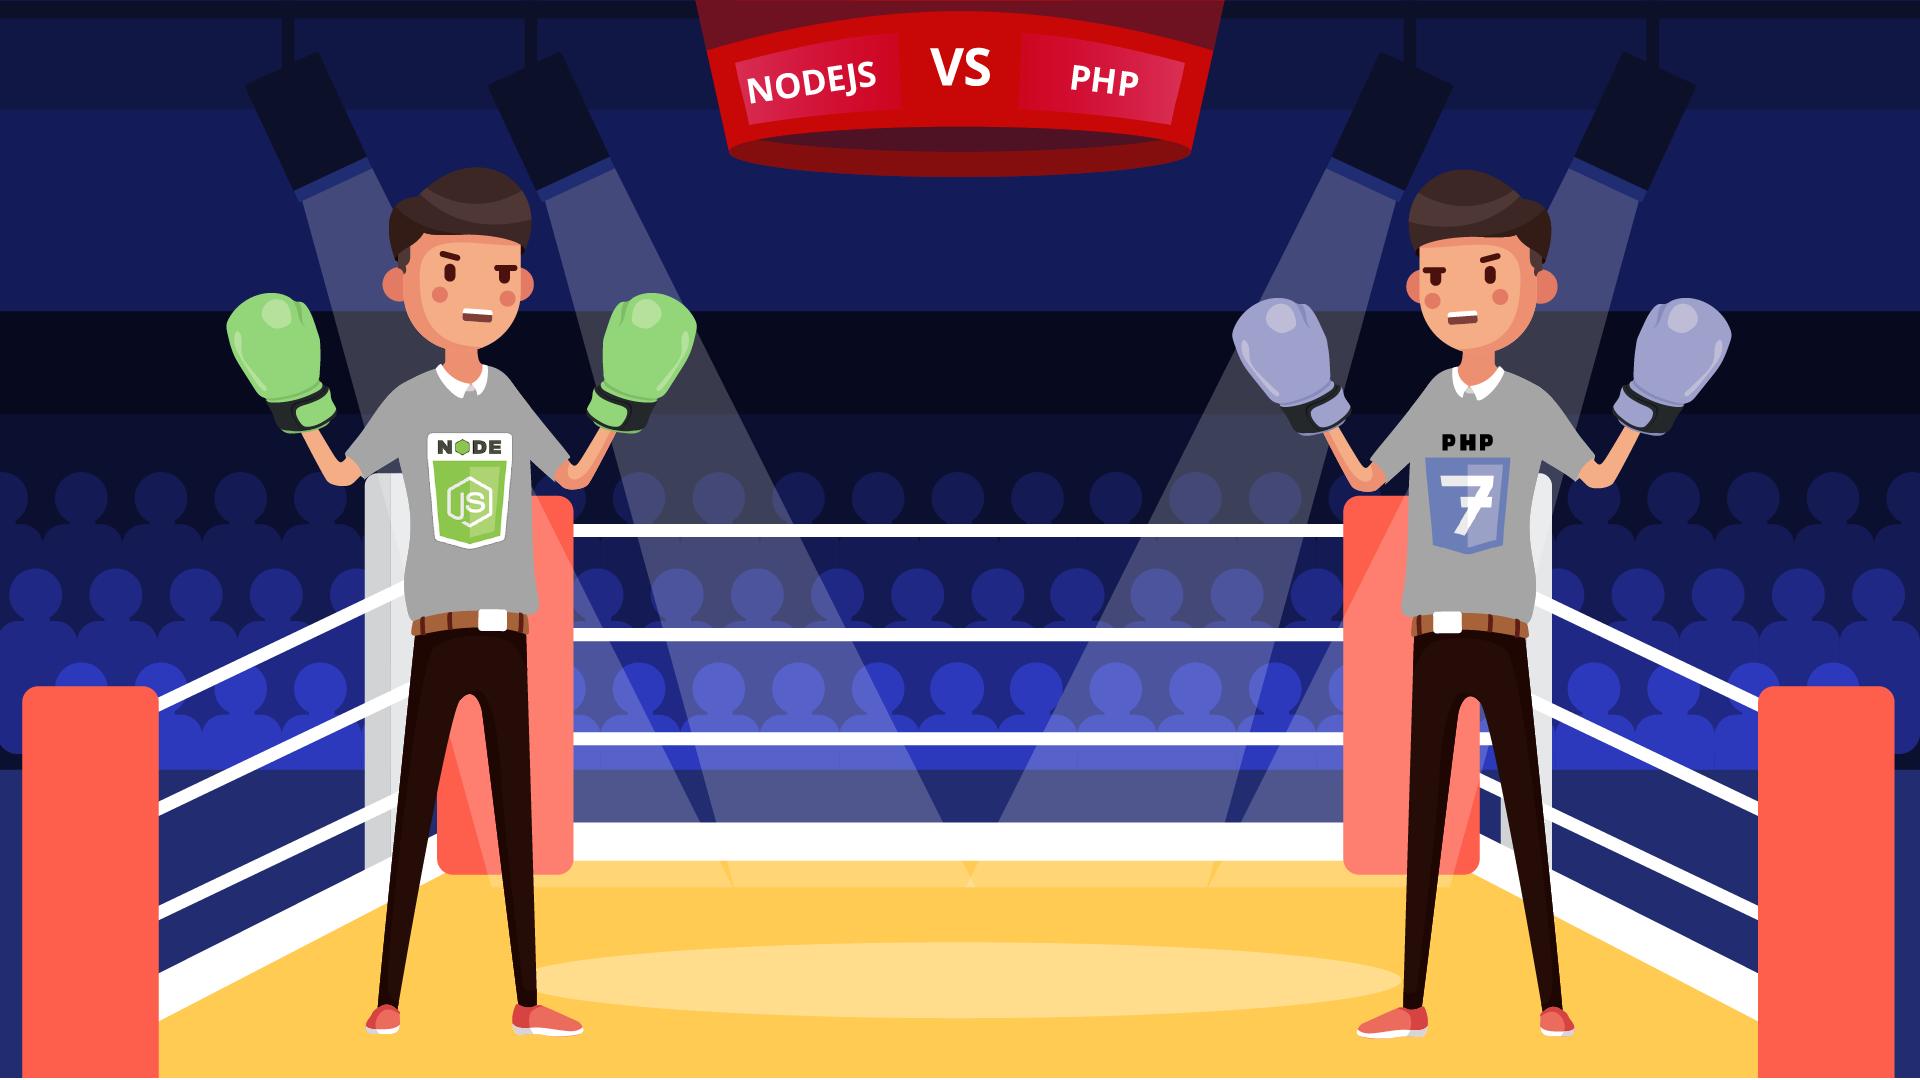 elevendots.it-nodejs-vs-php-nodejs-vs-php-quale-e-la-migliore-tecnologia-per-sviluppare-una-piattaforma-o-unapp.png